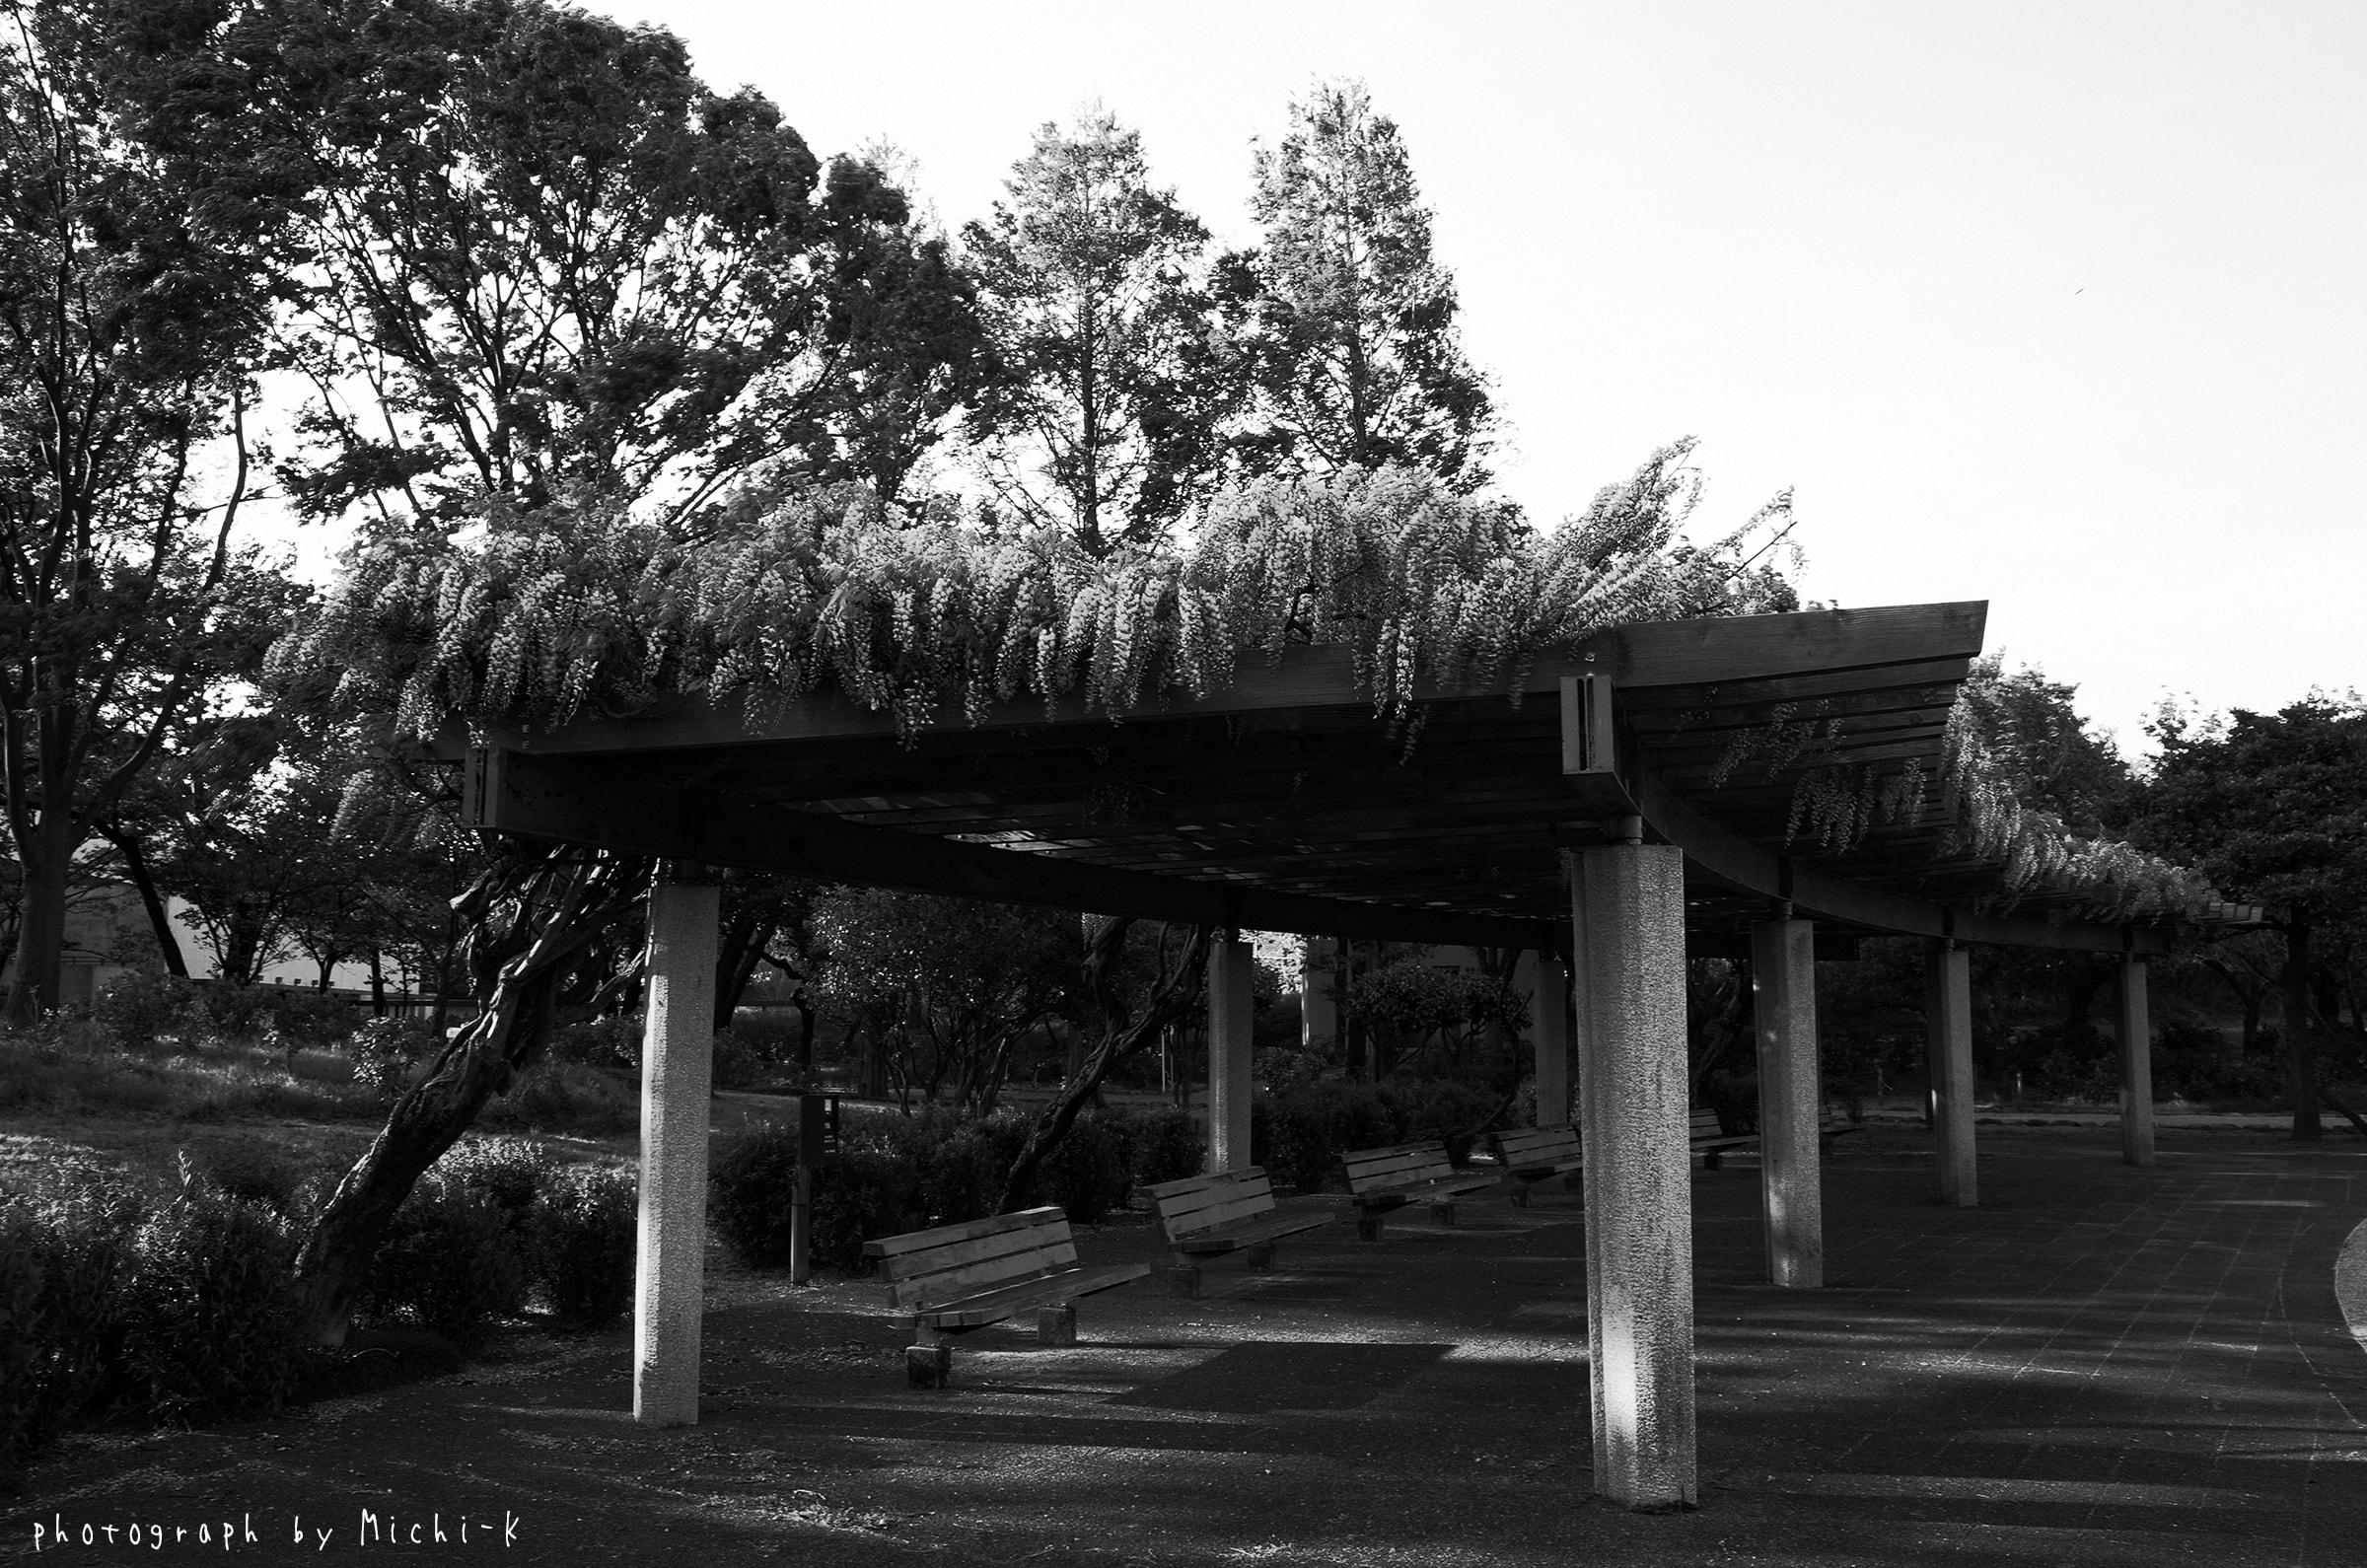 土門拳記念館-5(モノクロ)